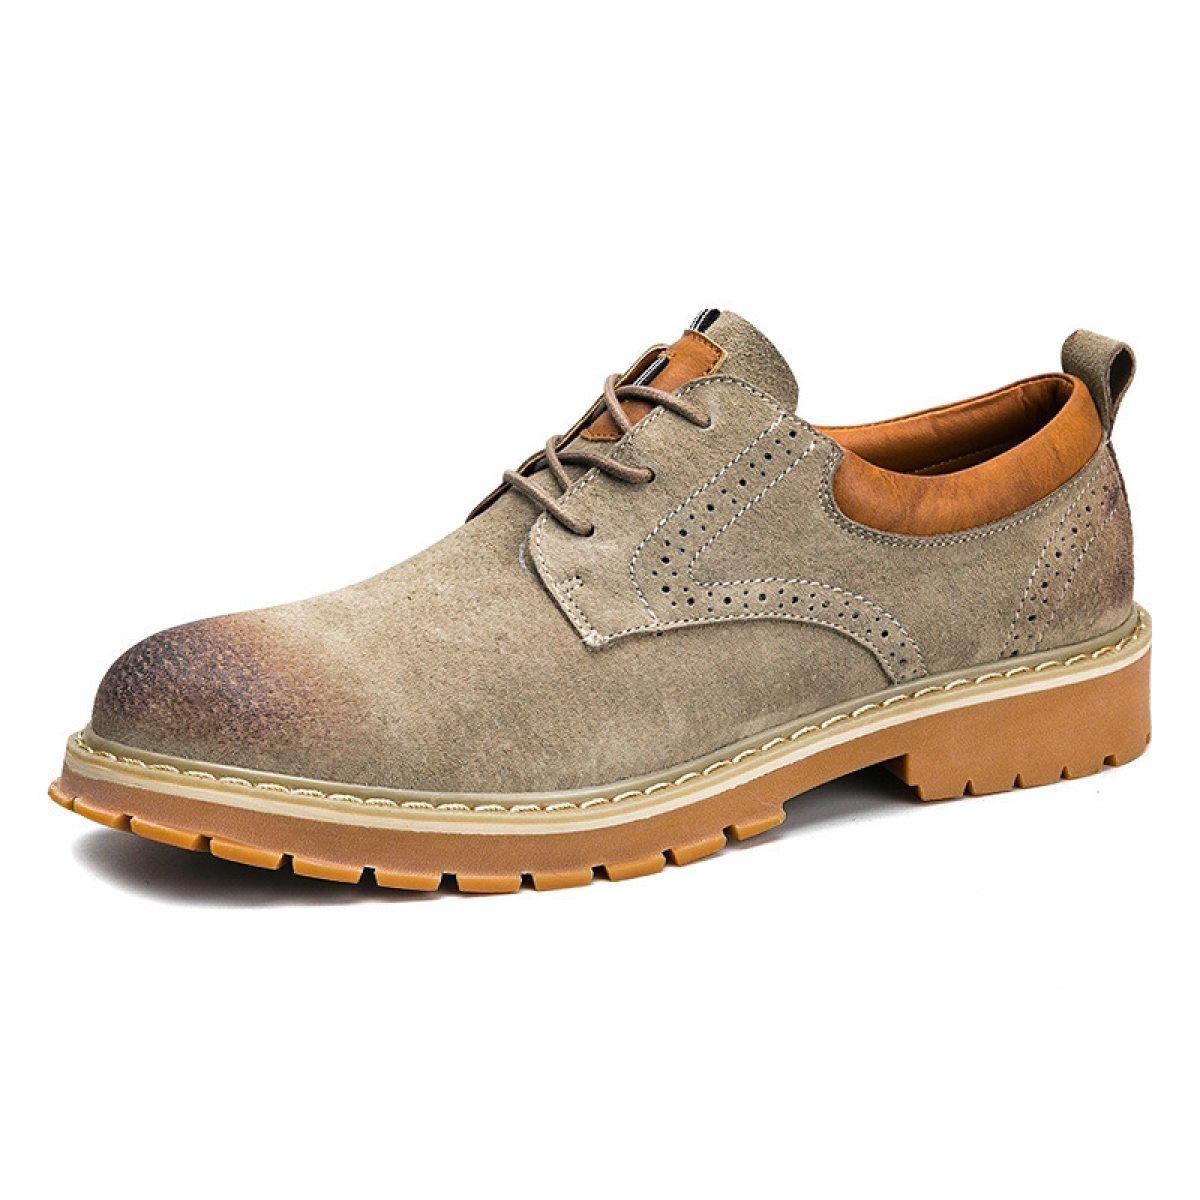 Herbst Und Winter Koreanische Version Retro Leder Massen Schuhe Farbe Retro Version Werkzeug Schuhe England Männer Freizeitschuhe Khaki 0473b3